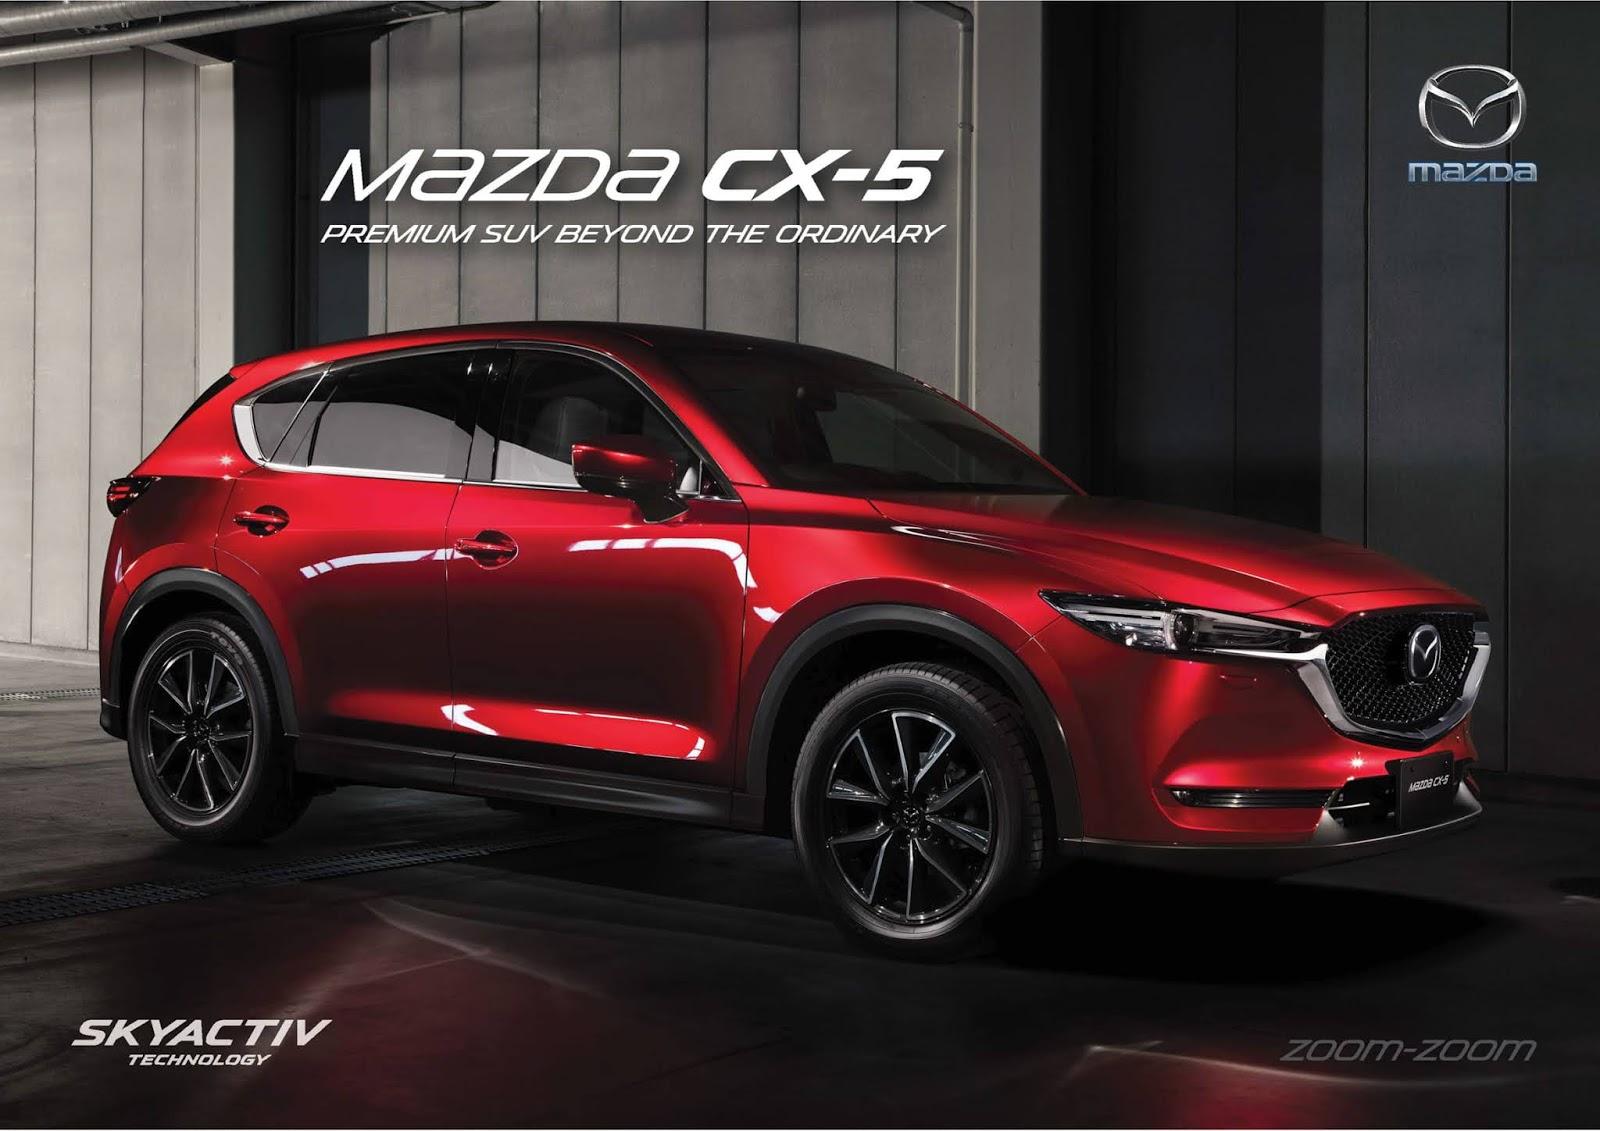 New Mazda CX-5, Promo Mazda CX-5 Bali & Harga Mazda CX-5 Bali